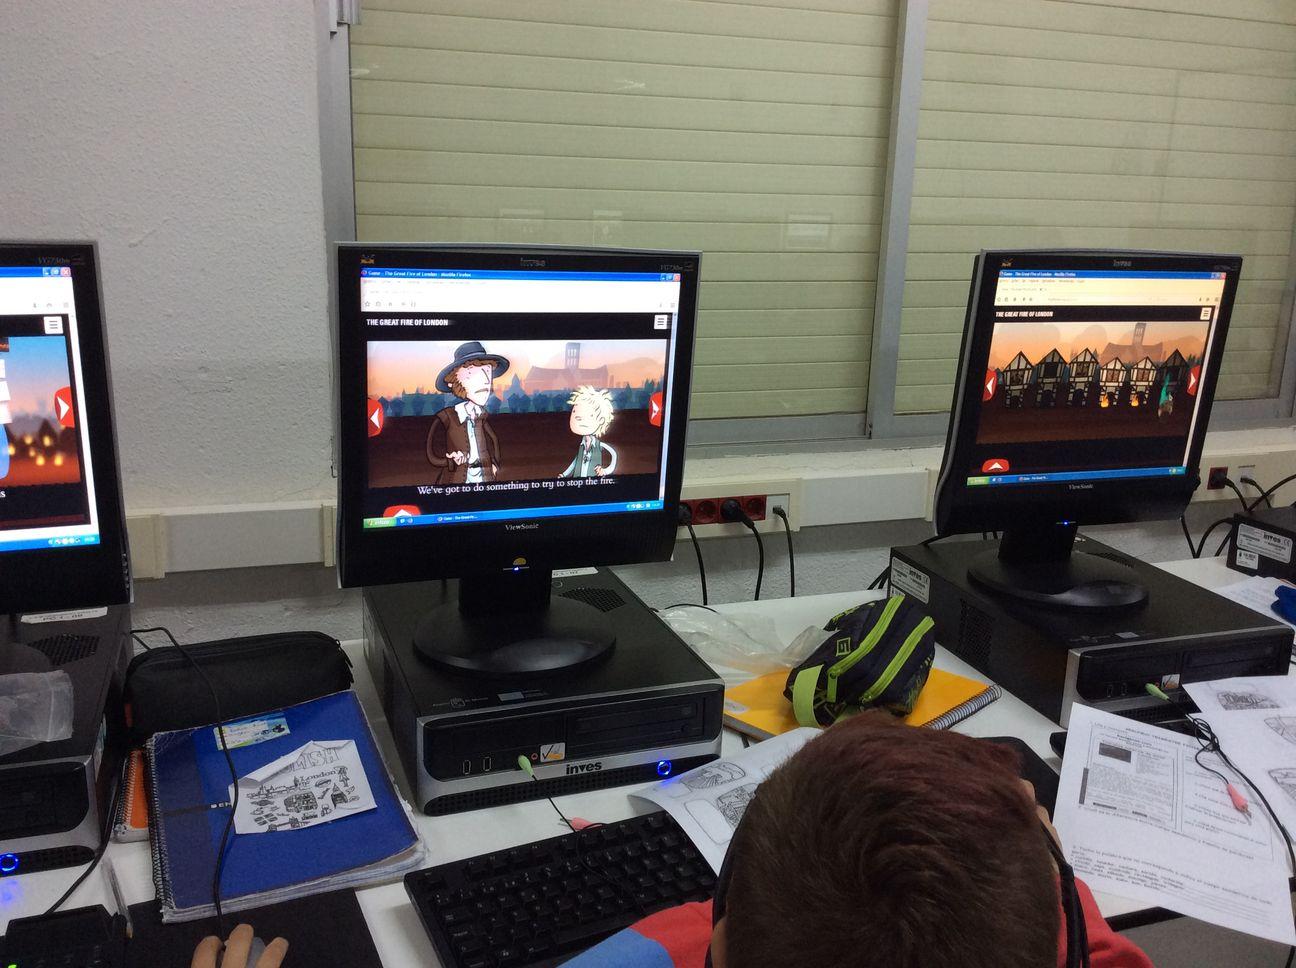 los alumnos no lo perciben como algo aburrido, sino como un juego